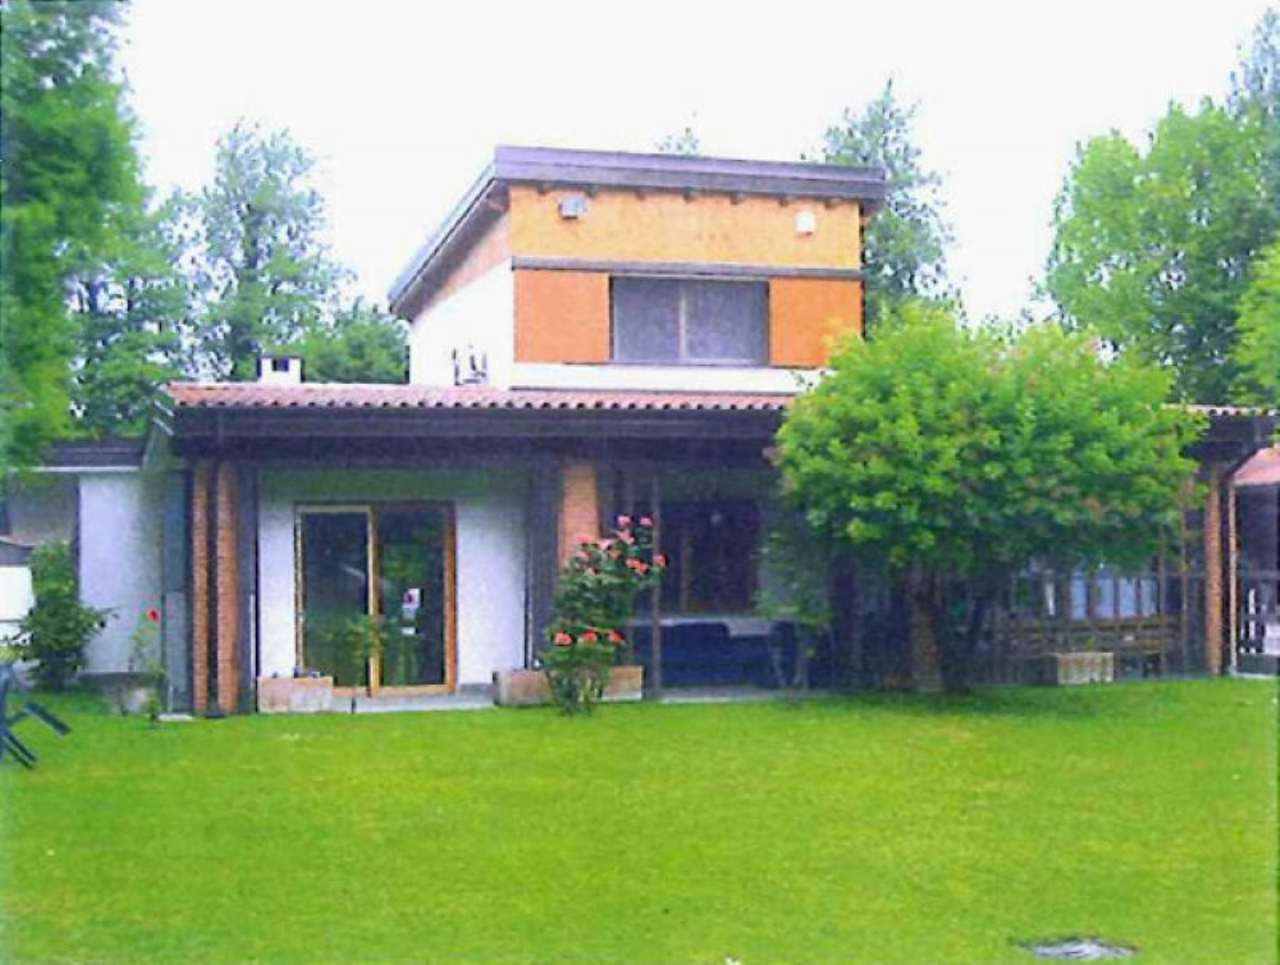 Villa in vendita a Montanaso Lombardo, 4 locali, Trattative riservate | Cambio Casa.it